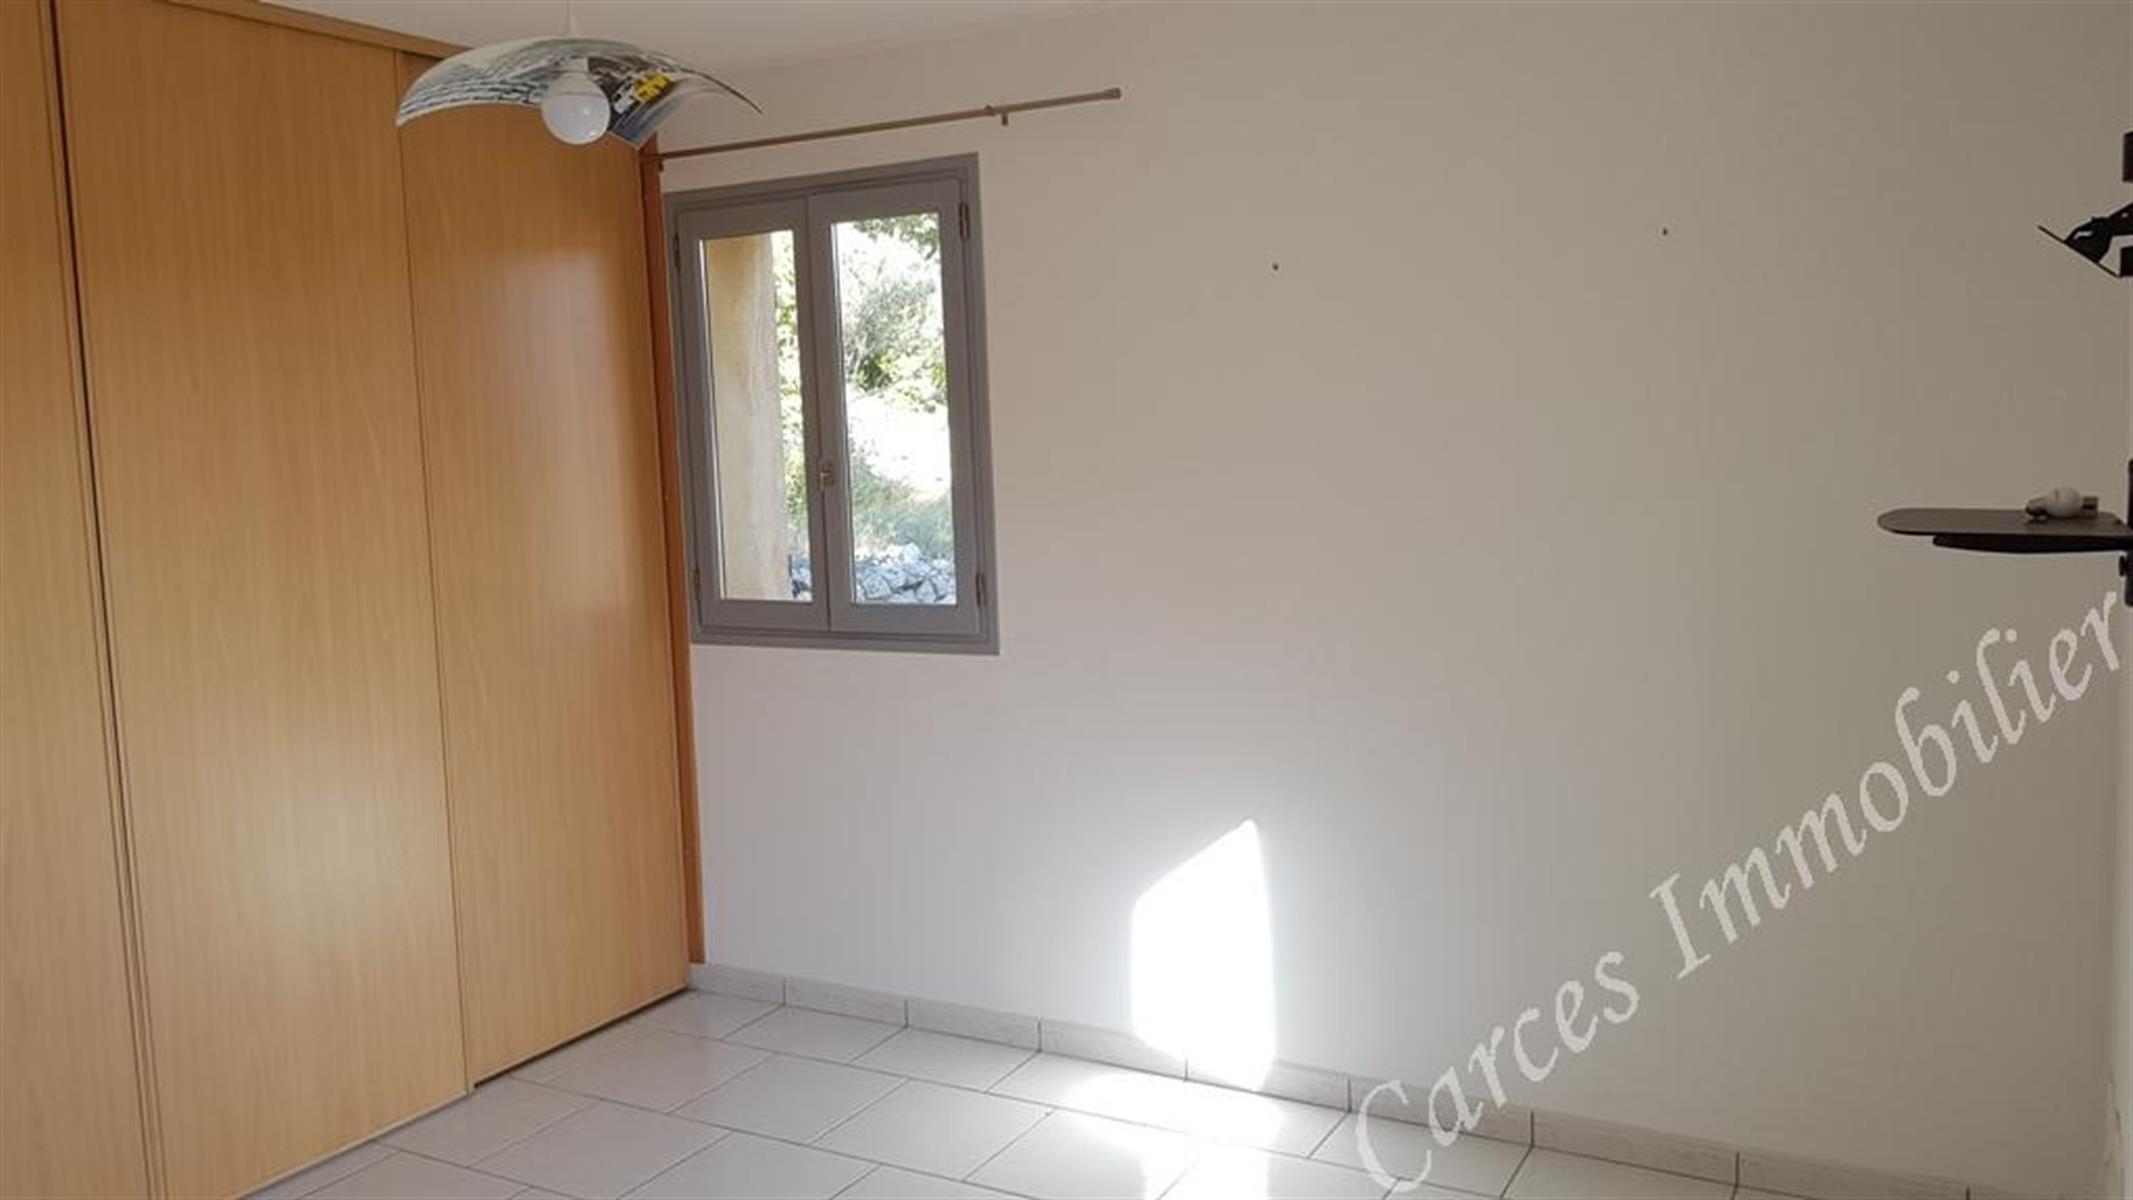 Maison de vacances - Cotignac - #4184431-2